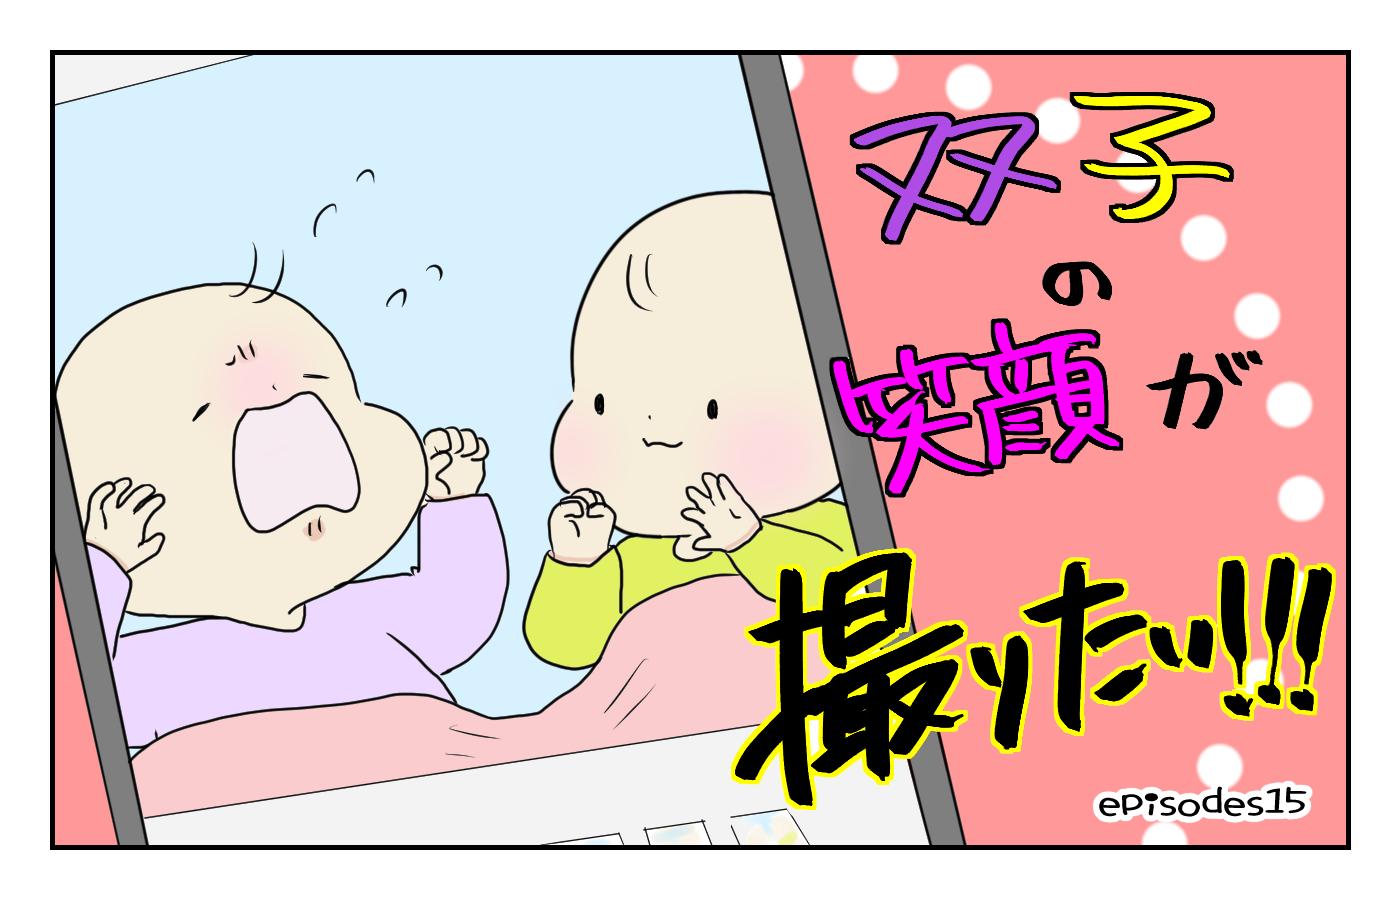 「双子が同時に笑った瞬間」を撮るのに悪戦苦闘! その結果、あることに気づいて…!?